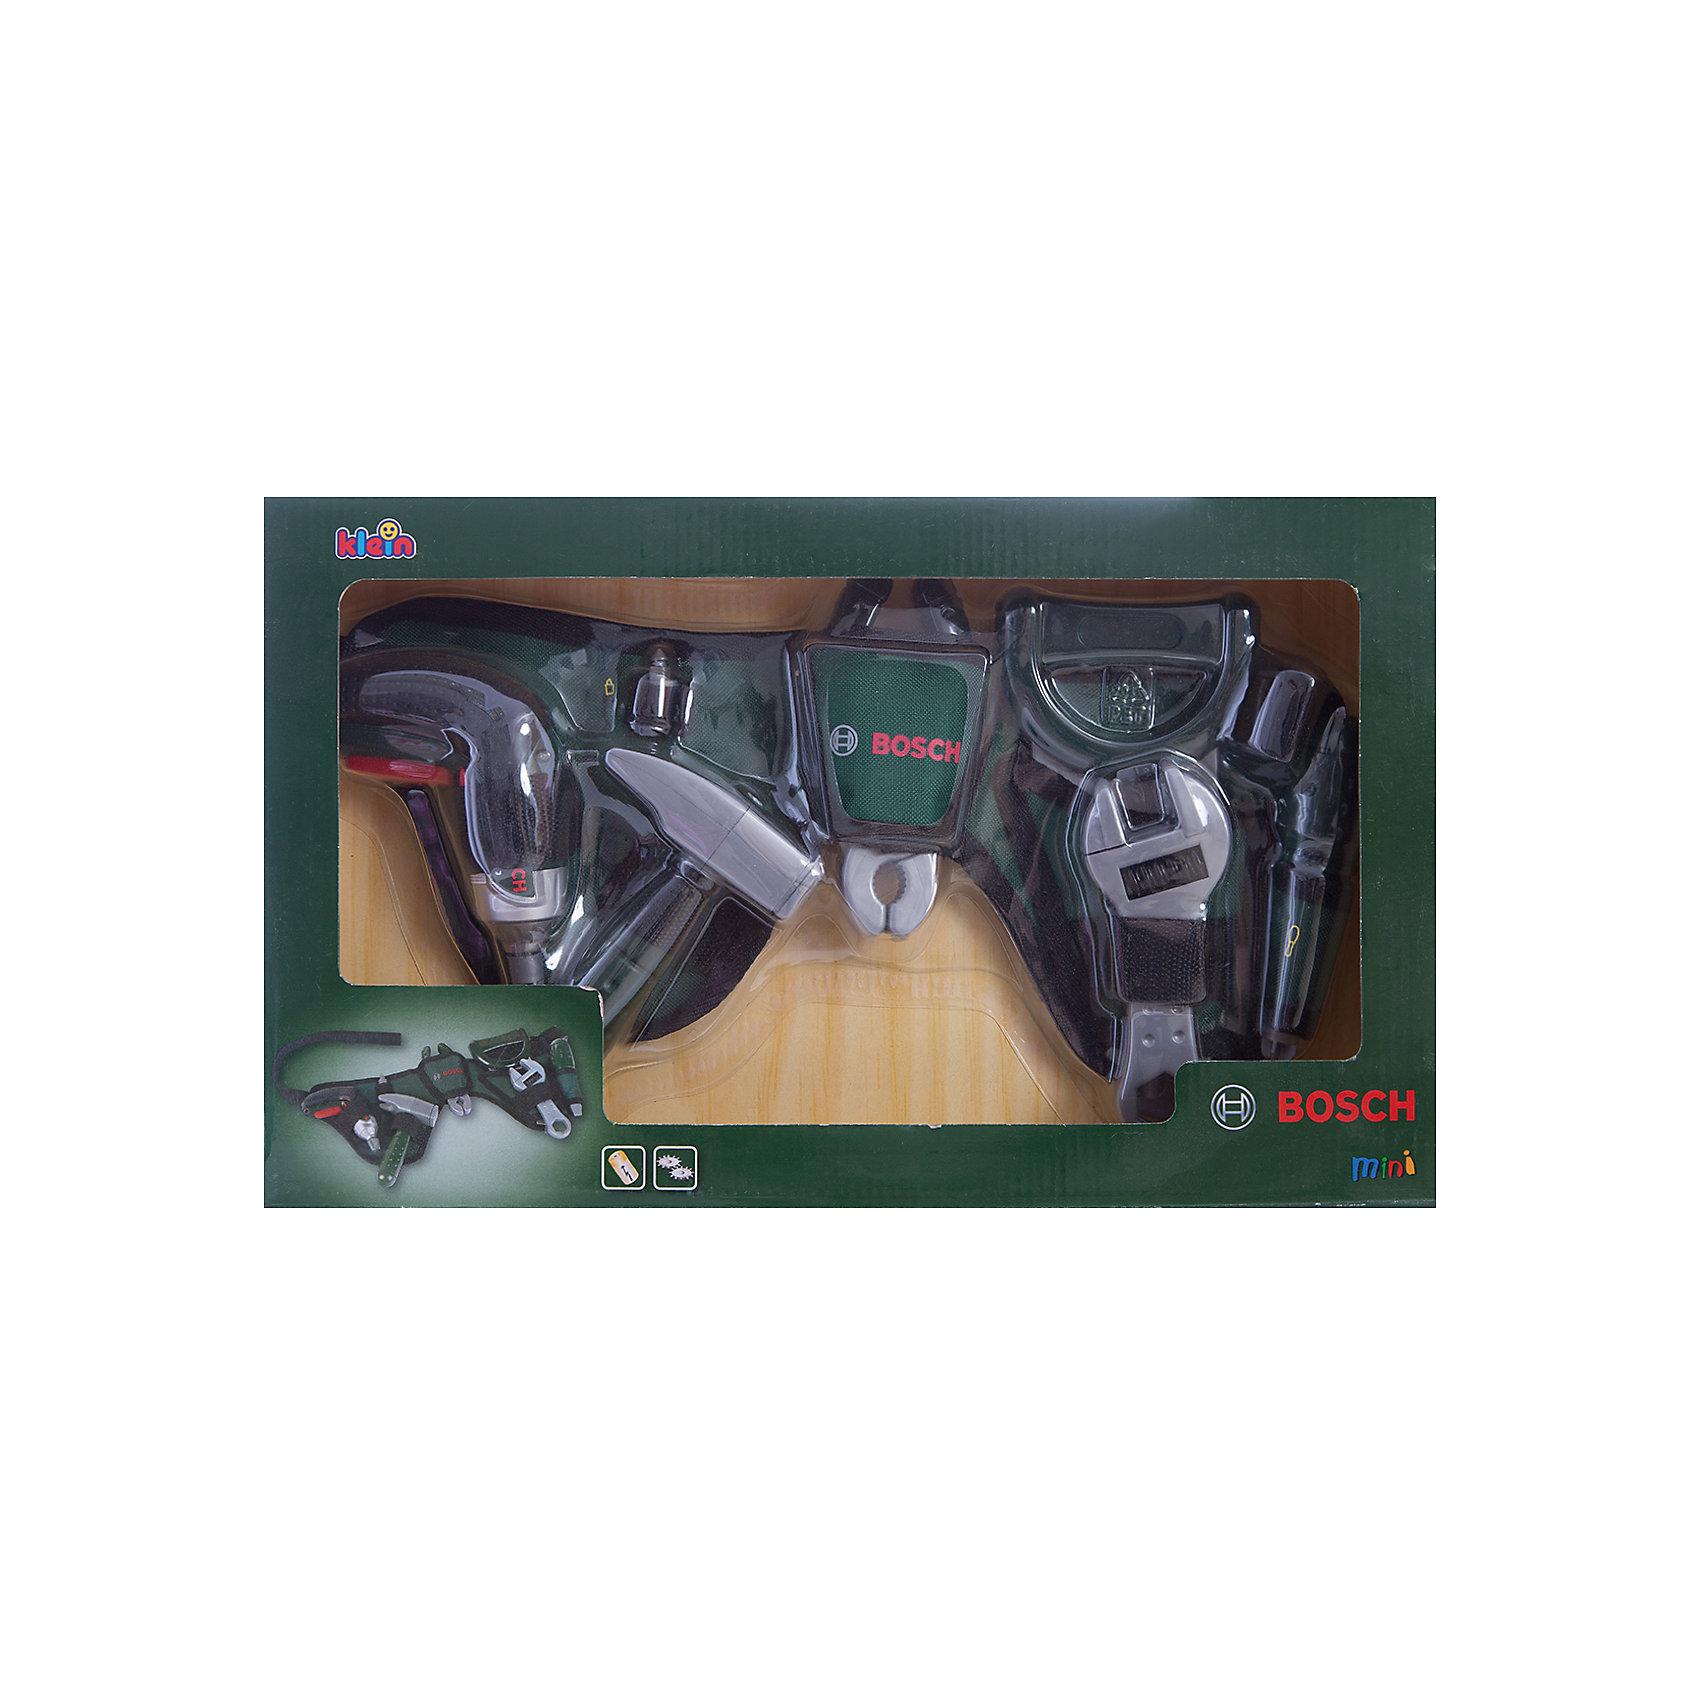 Ремень с инструментами Bosch, KleinМастерская и инструменты<br>Это набор с самыми необходимыми инструментами для ремонта.  Ребенок сможет почувствовать себя настоящим ремонтником и спасателем домочадцев в случае непредвиденной бытовой аварии. <br><br>Дополнительная информация: <br><br>- Возраст: от 3 лет.<br>- Материал: пластик, текстиль, металл.<br>- В наборе: пила, плоскогубцы, разводной ключ, отвертка, молоток, дрель, насадка, ремень.<br>- Цвет: темно-зеленый.<br>- Батарейки не входят в комплект.<br>- Тип батареек: 3 х ААА / LR 0.3 1.5 V (мизинчиковые).<br>- Размер упаковки: 42х6х25 см.<br><br>Купить ремень с инструментами Bosch от Klein, можно в нашем магазине.<br><br>Ширина мм: 424<br>Глубина мм: 253<br>Высота мм: 73<br>Вес г: 758<br>Возраст от месяцев: 36<br>Возраст до месяцев: 96<br>Пол: Мужской<br>Возраст: Детский<br>SKU: 2271777